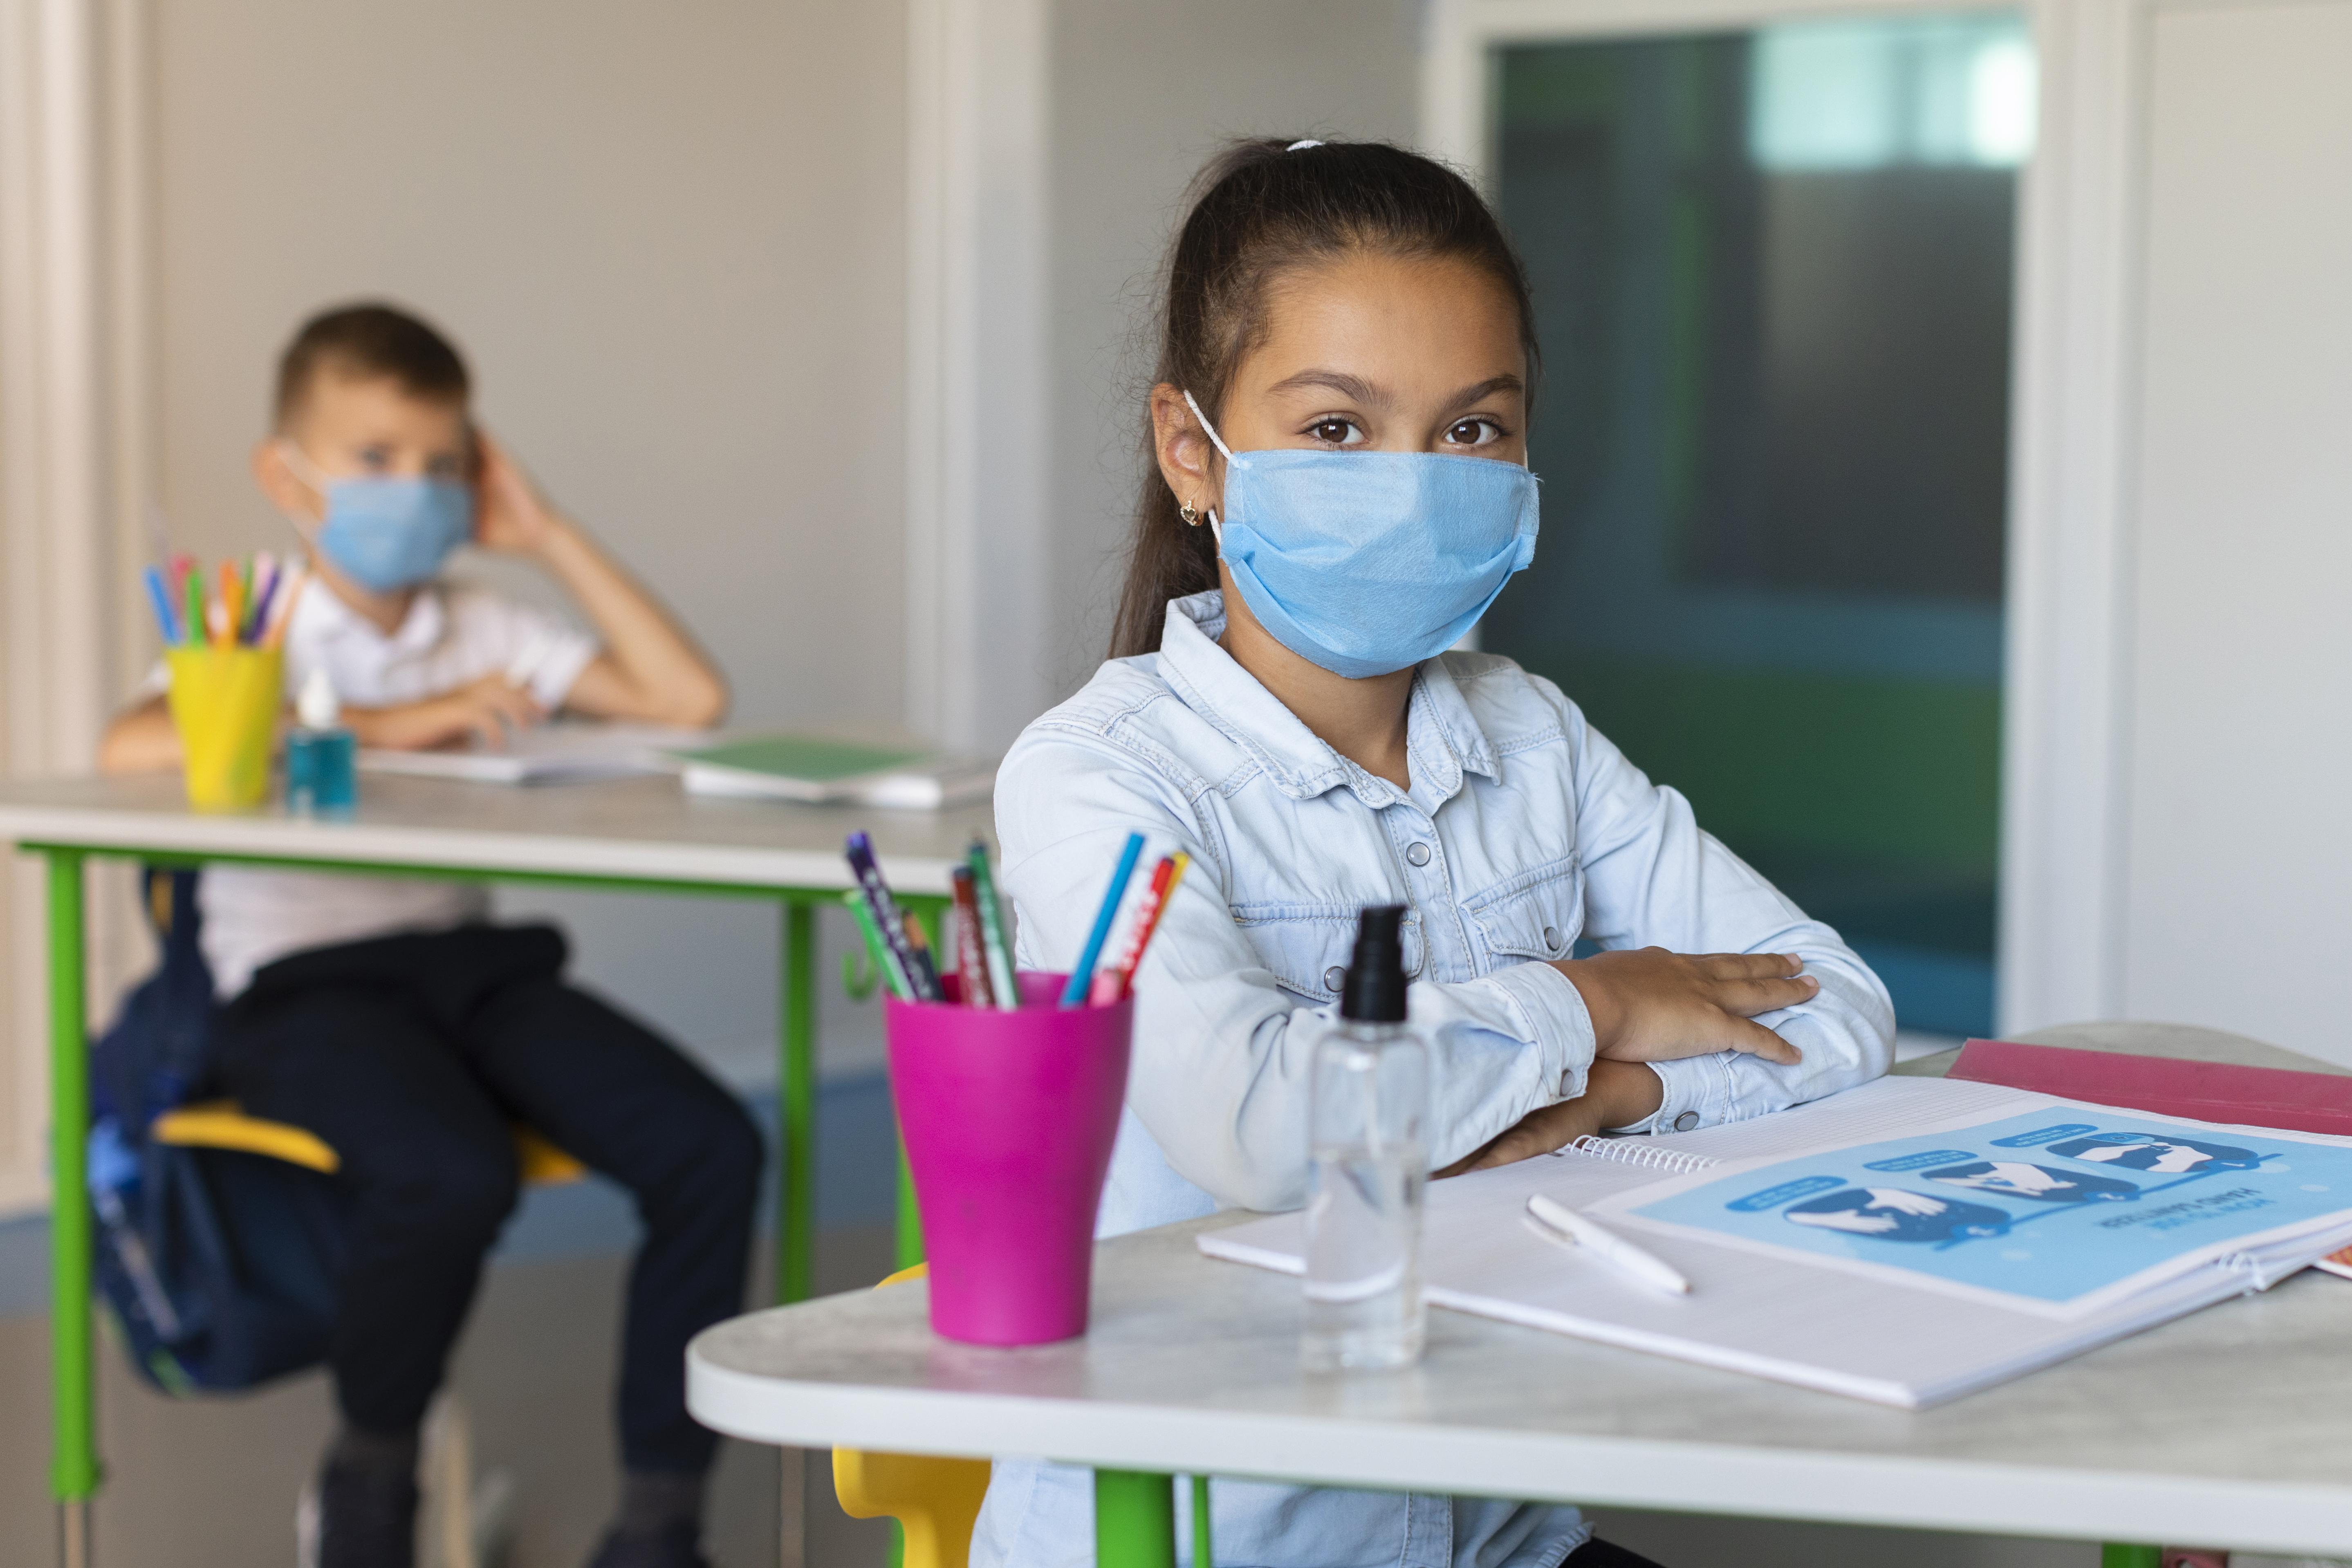 kids-social-distancing-in-classroom